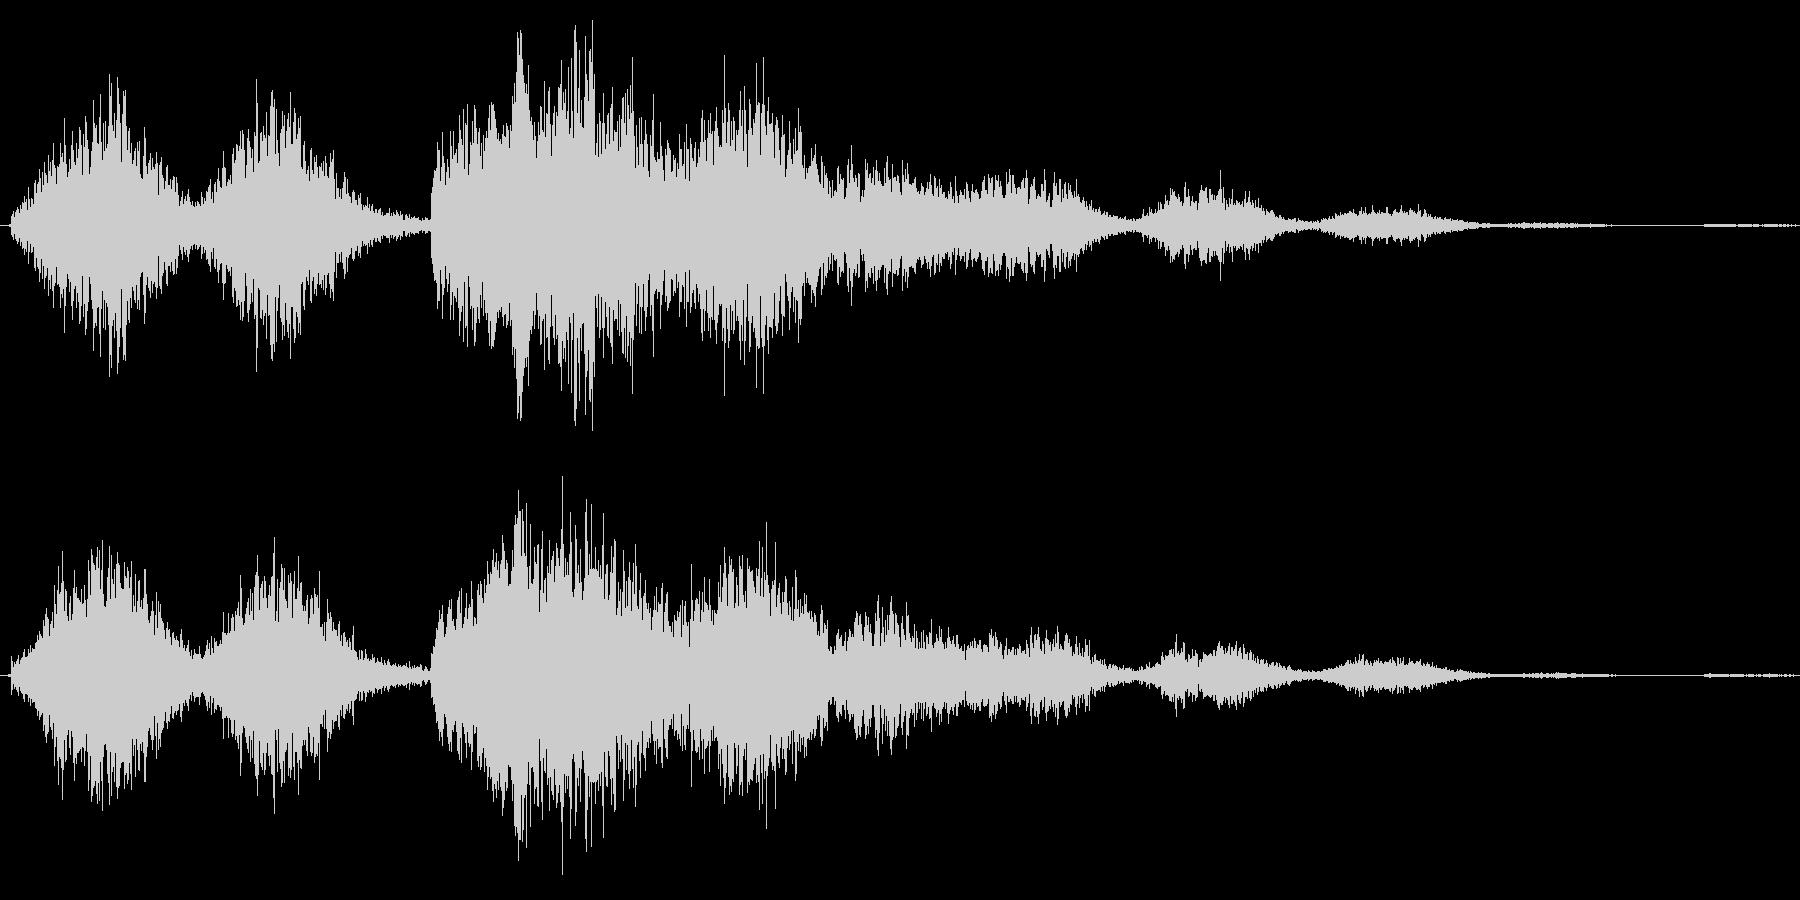 恐怖シリーズ22.怖い鳥の声(複数2)の未再生の波形